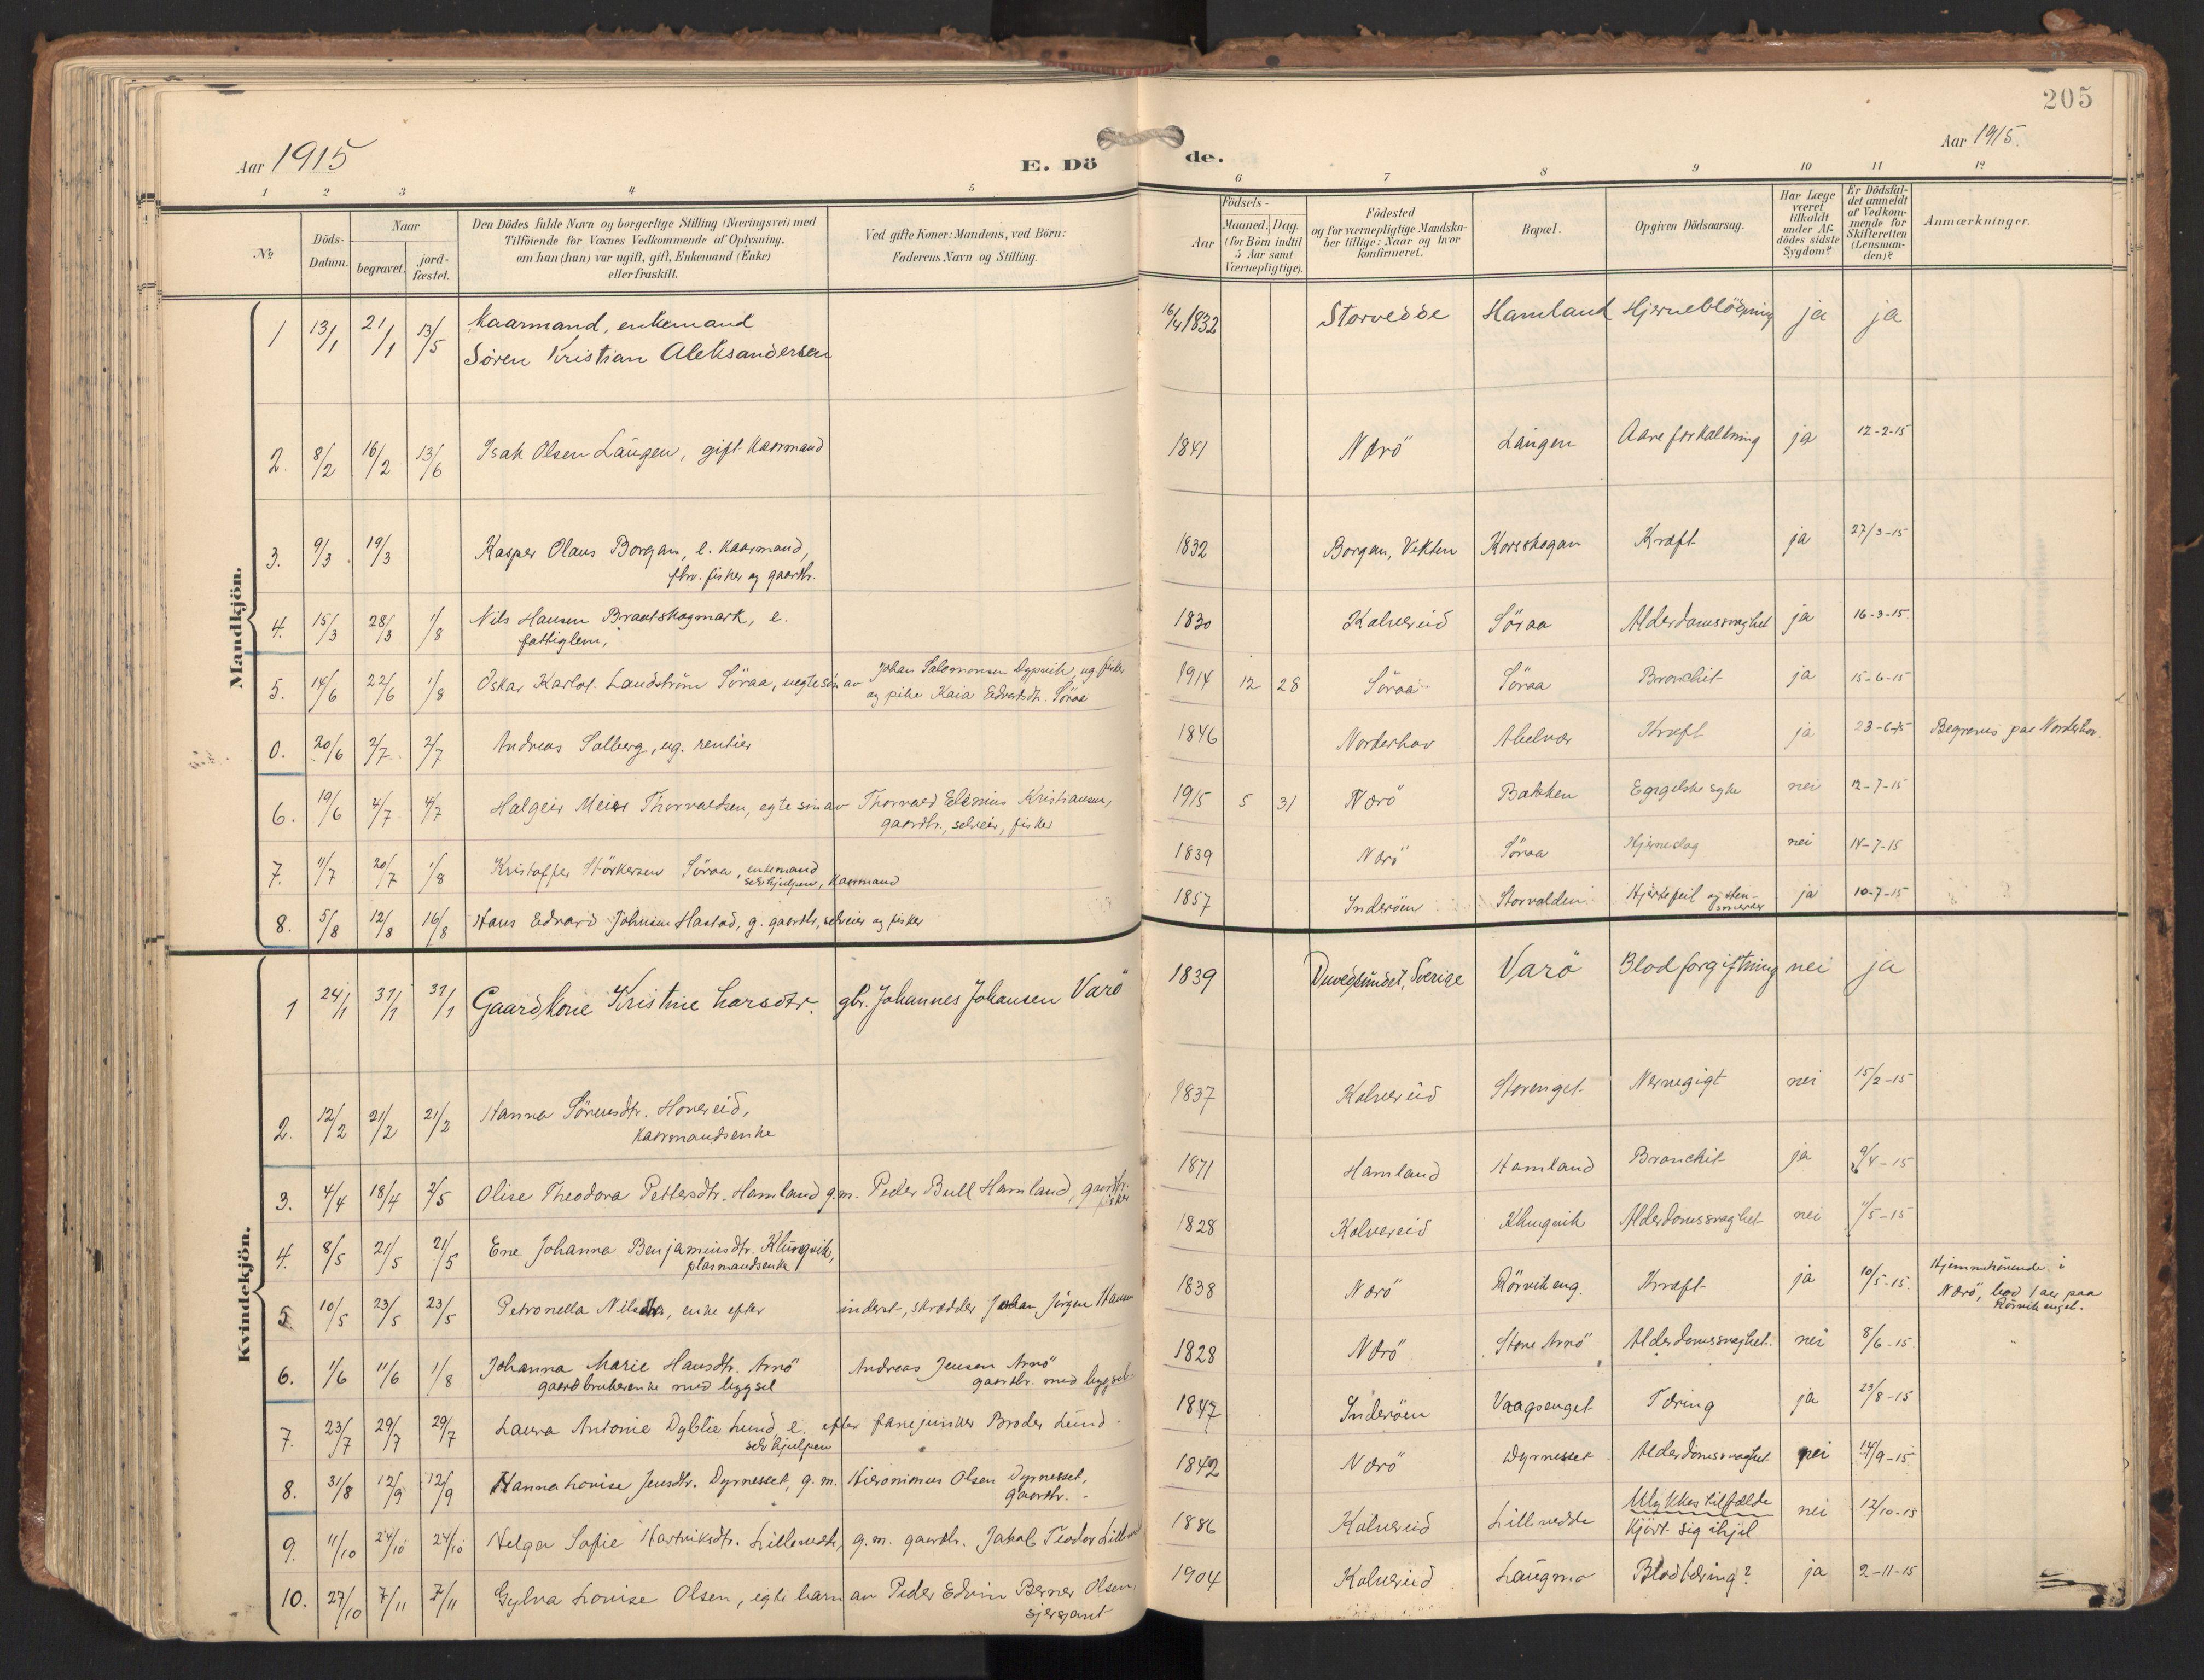 SAT, Ministerialprotokoller, klokkerbøker og fødselsregistre - Nord-Trøndelag, 784/L0677: Ministerialbok nr. 784A12, 1900-1920, s. 205